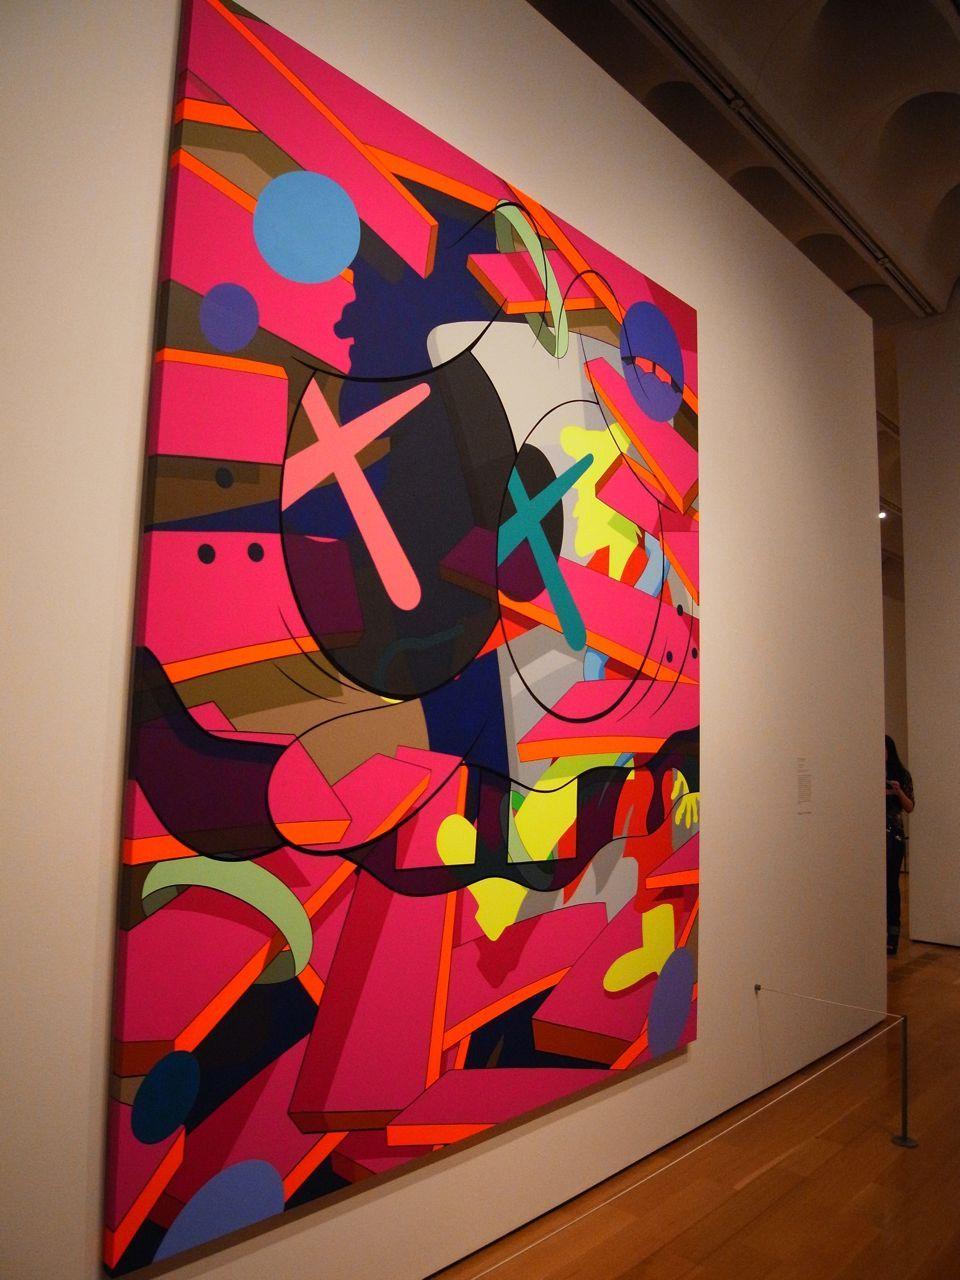 Takashi murakami sun flowers and contemporary art uniqlog - Art Art